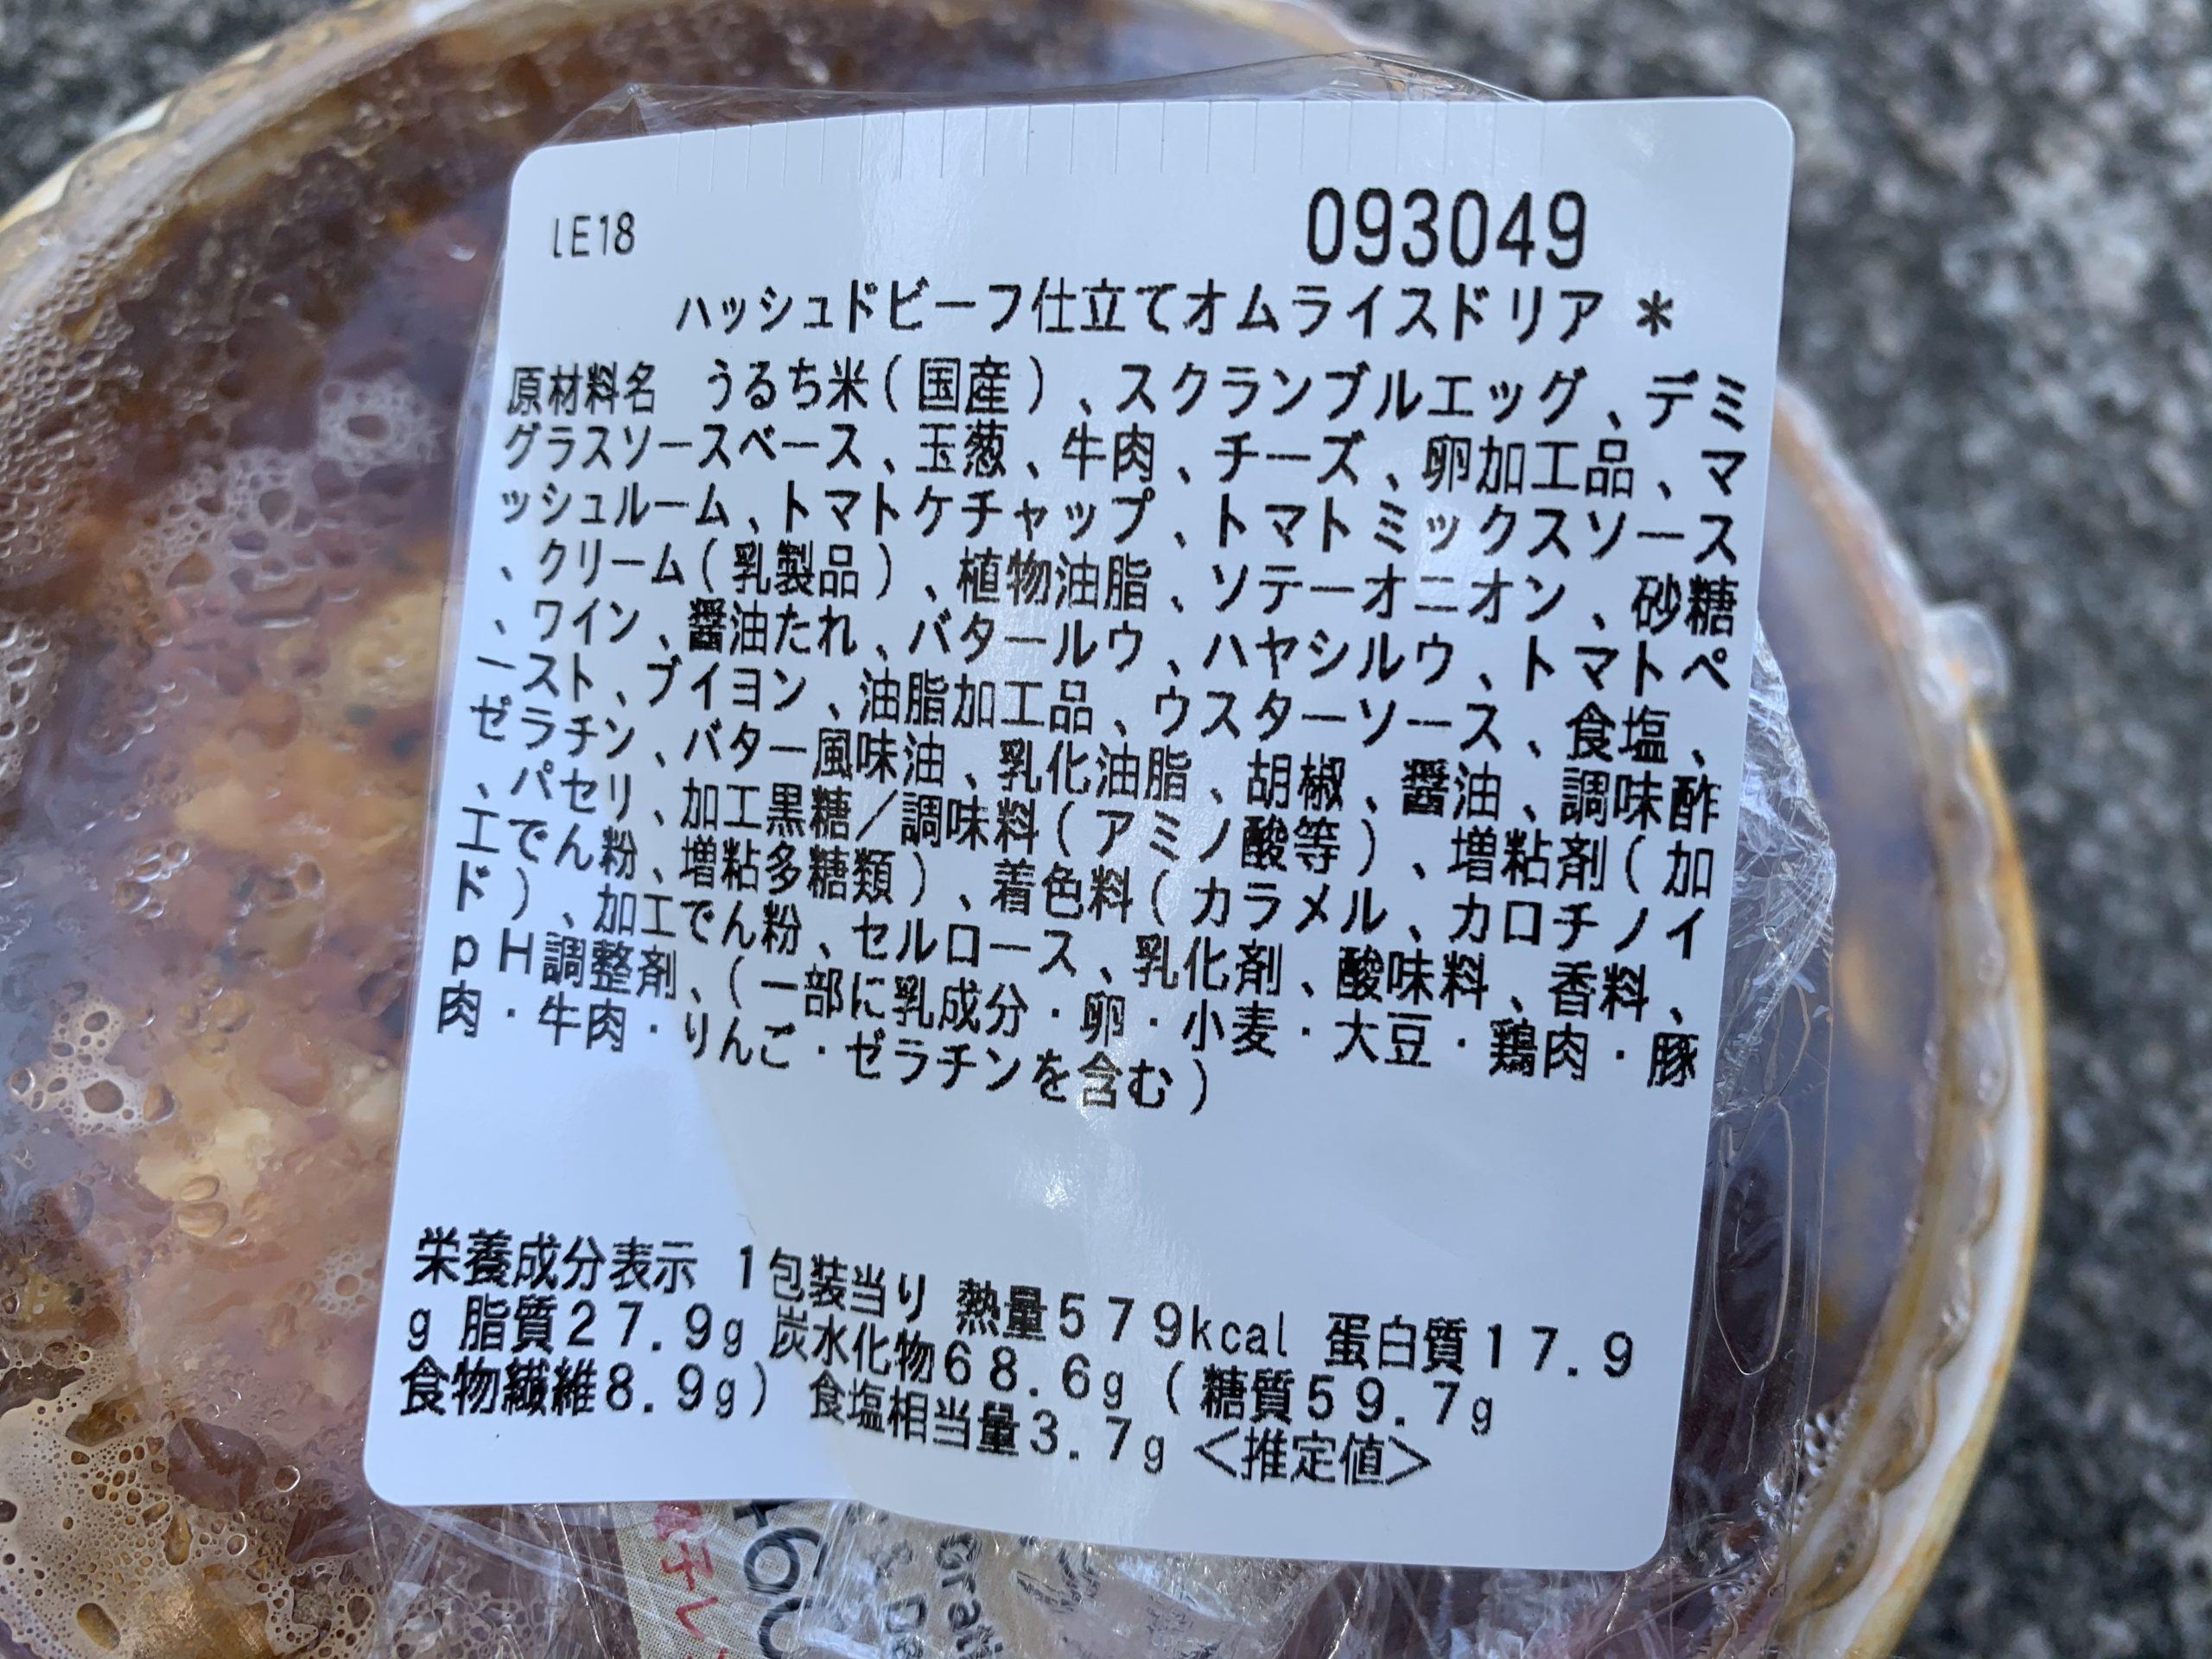 ハッシュドビーフ仕立てオムライスドリアの原材料と栄養成分